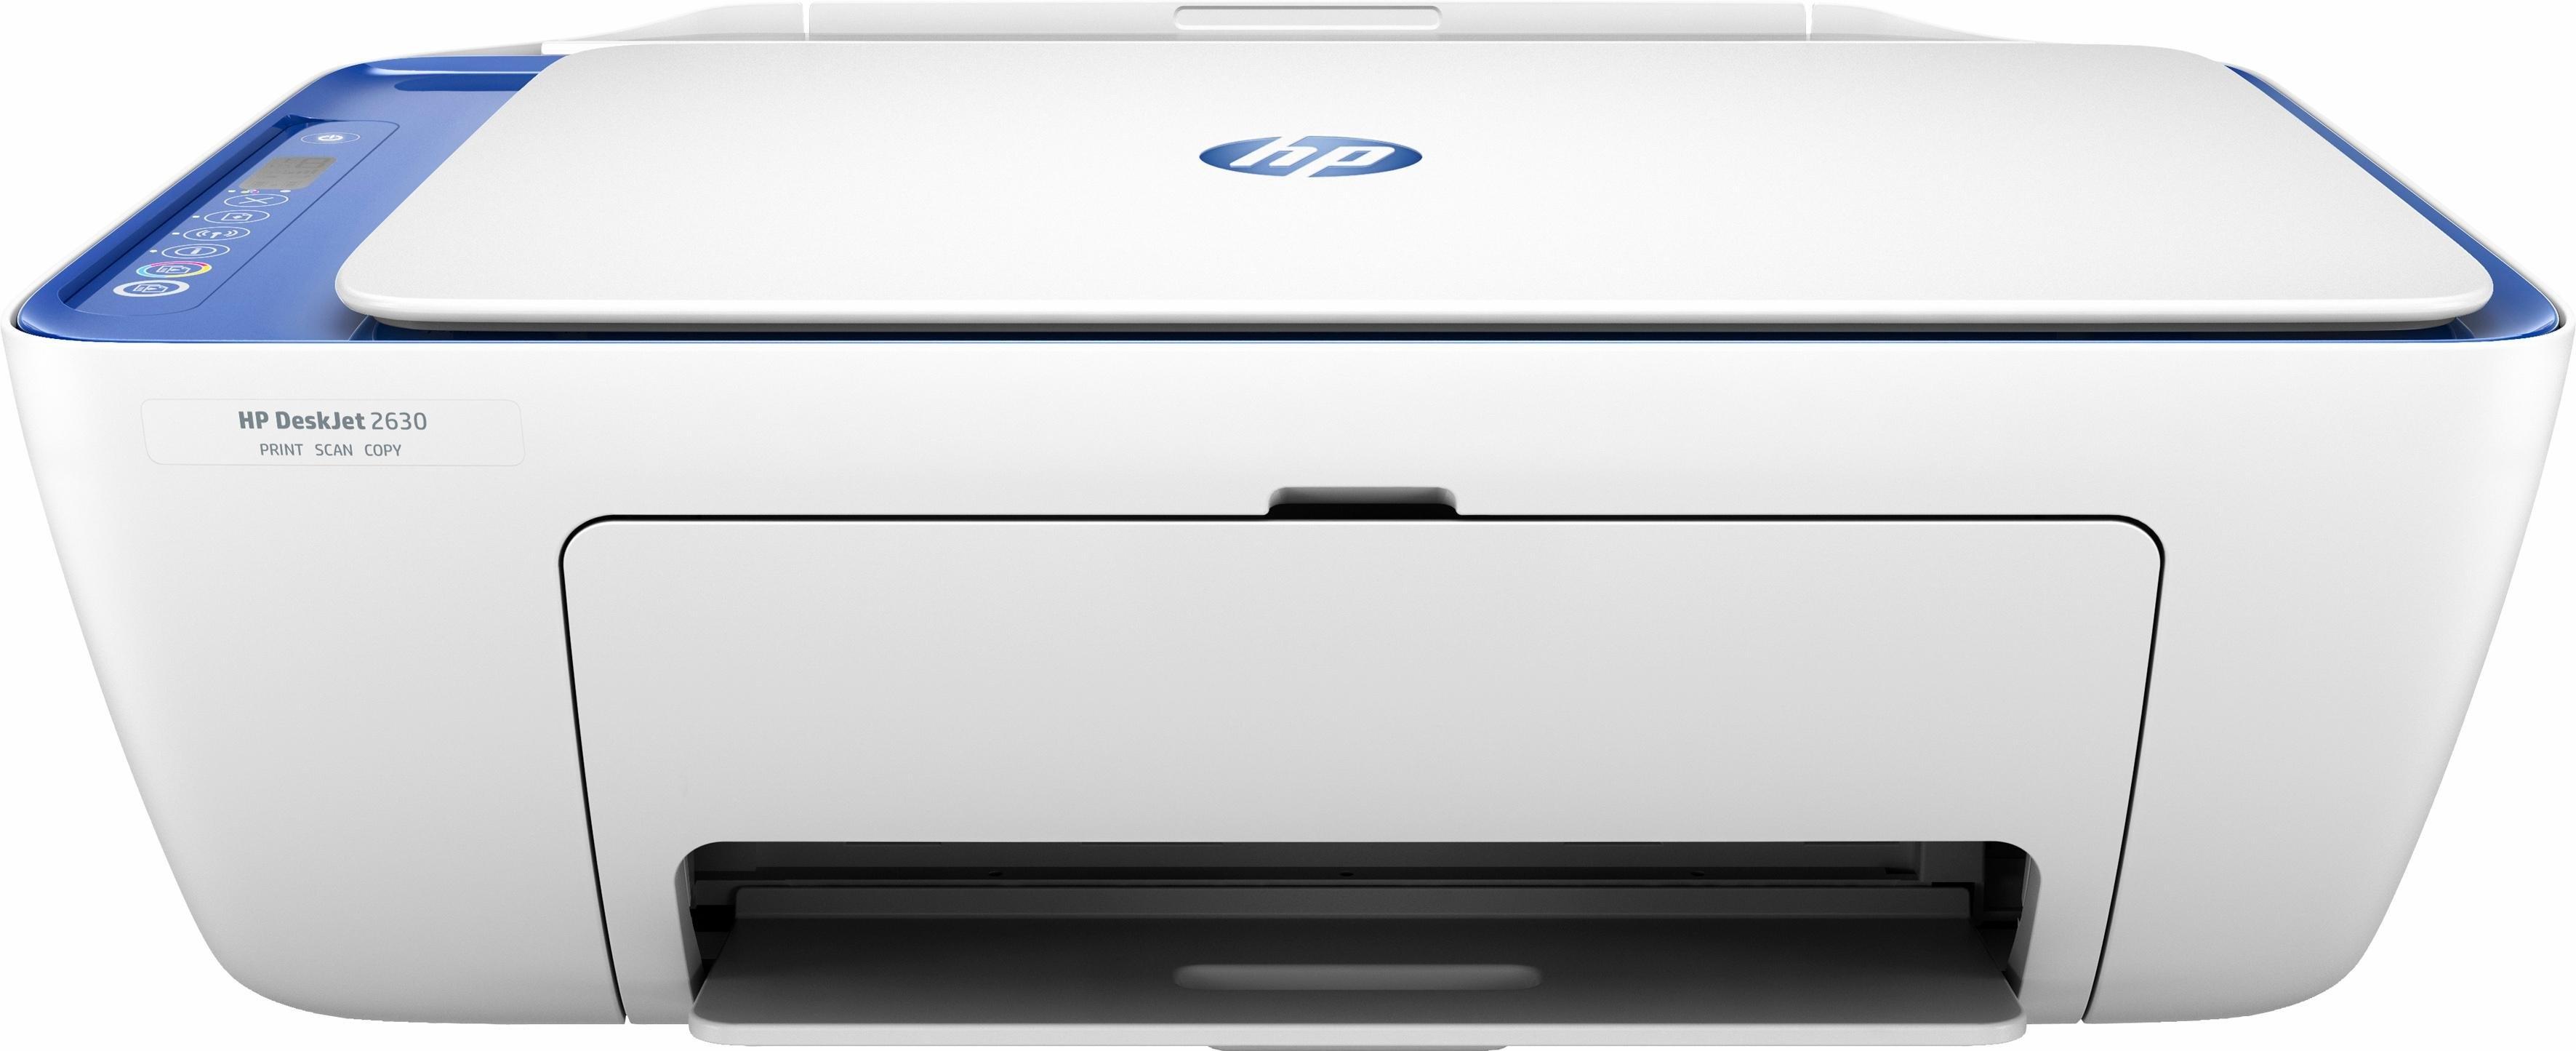 HP Deskjet 2630 all-in-oneprinter goedkoop op otto.nl kopen